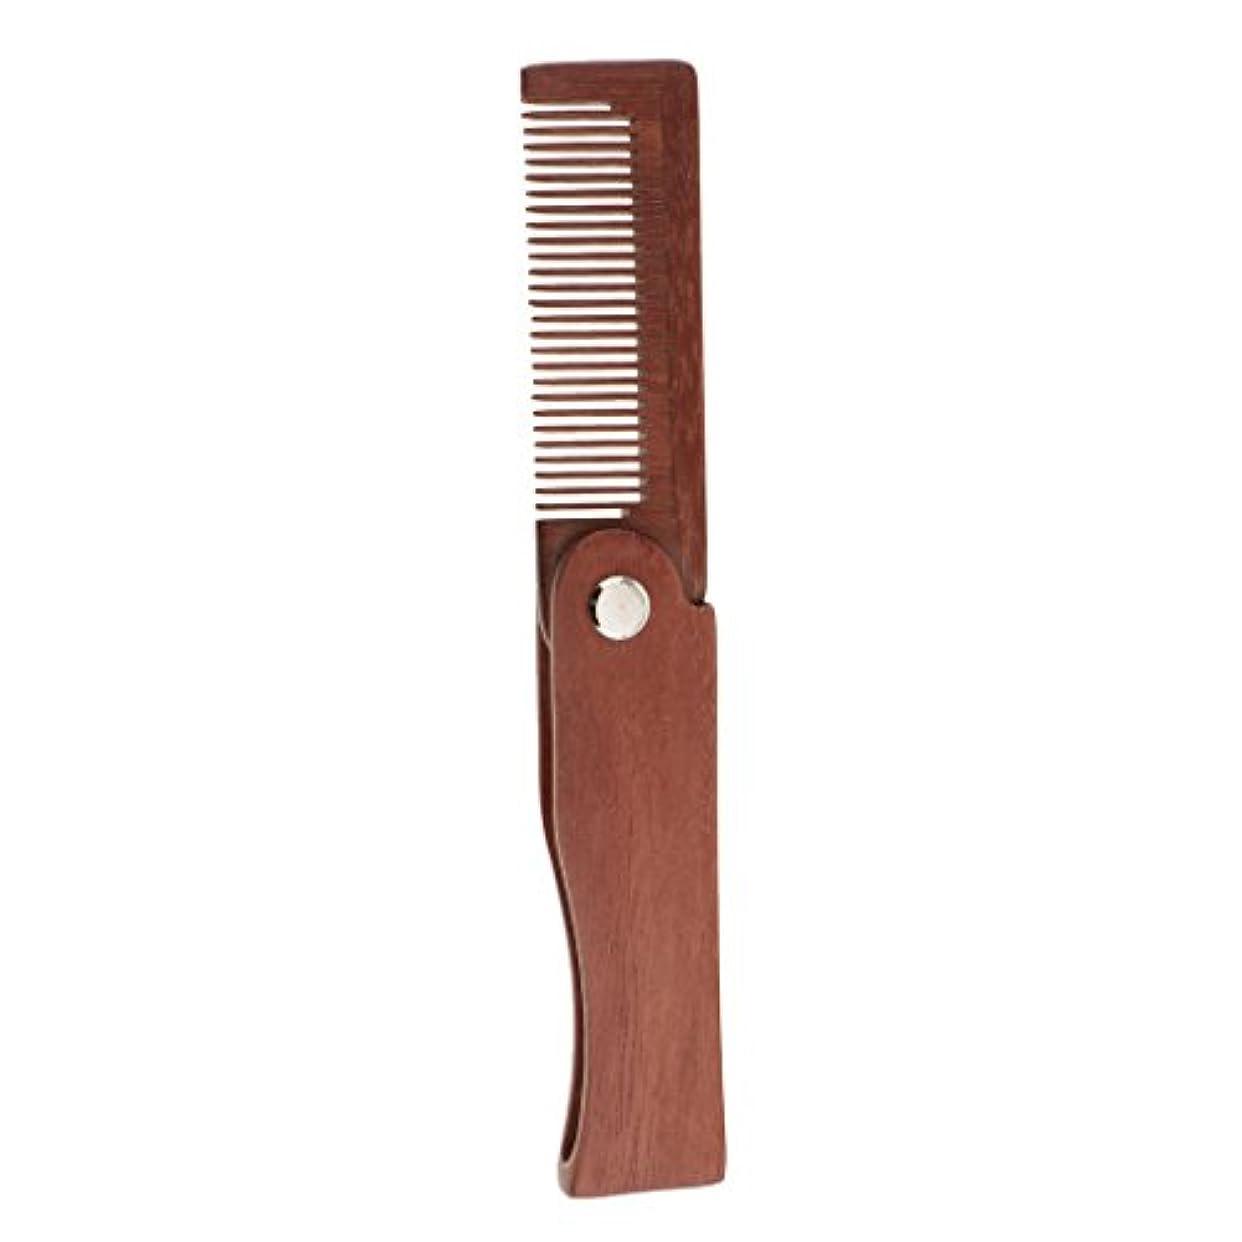 革命的海里テンポDYNWAVE メンズ 折りたたみ ひげひげ剃り櫛 男性 ひげひげブラシ